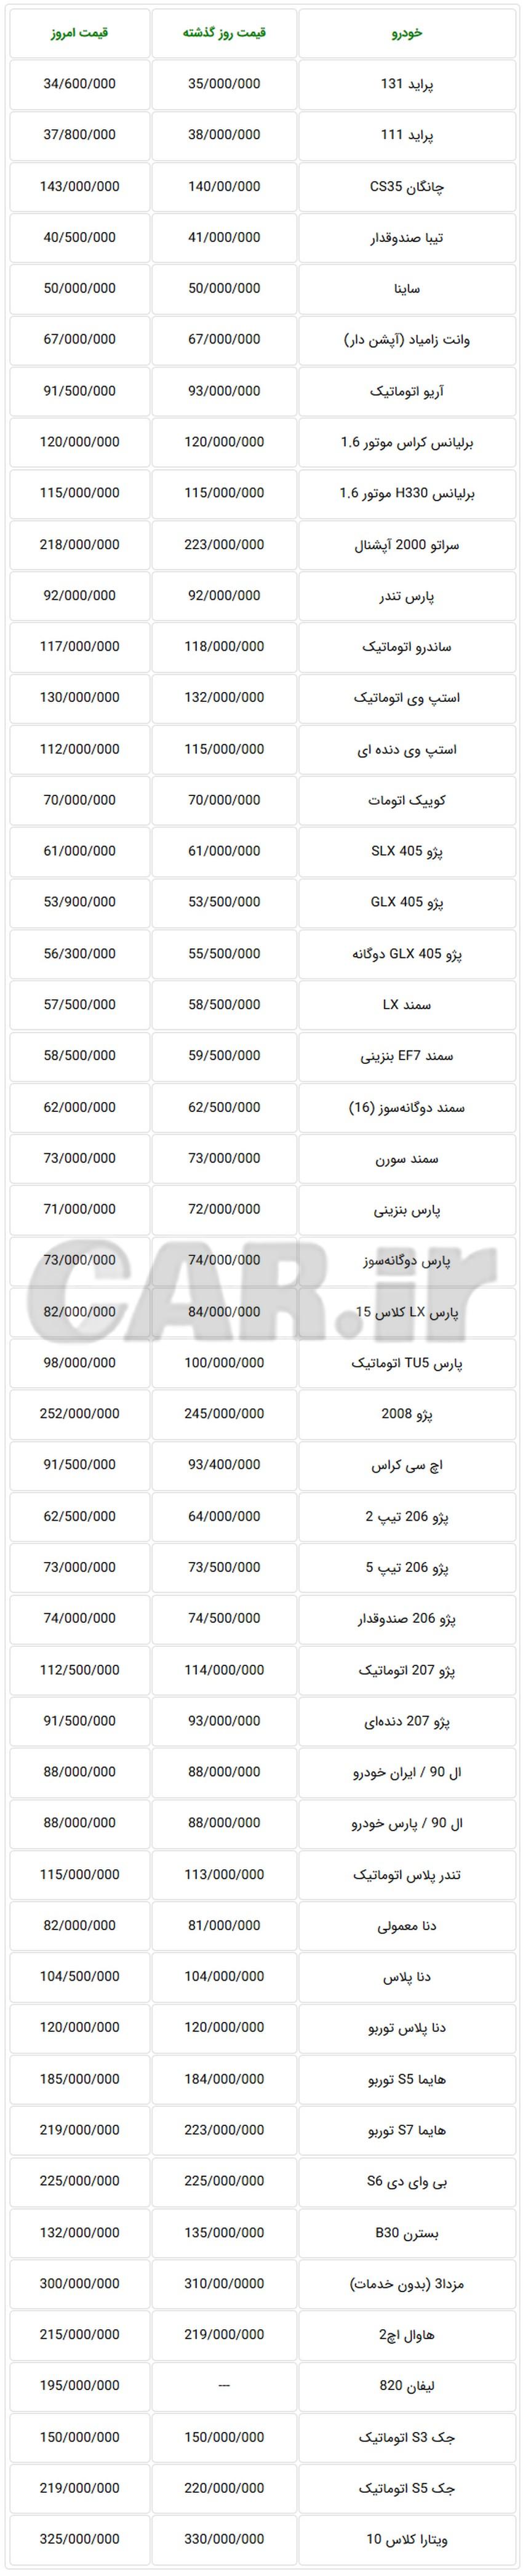 جدول قیمت جدید خودروهای تولید داخل در بازار تهران 9 مهر